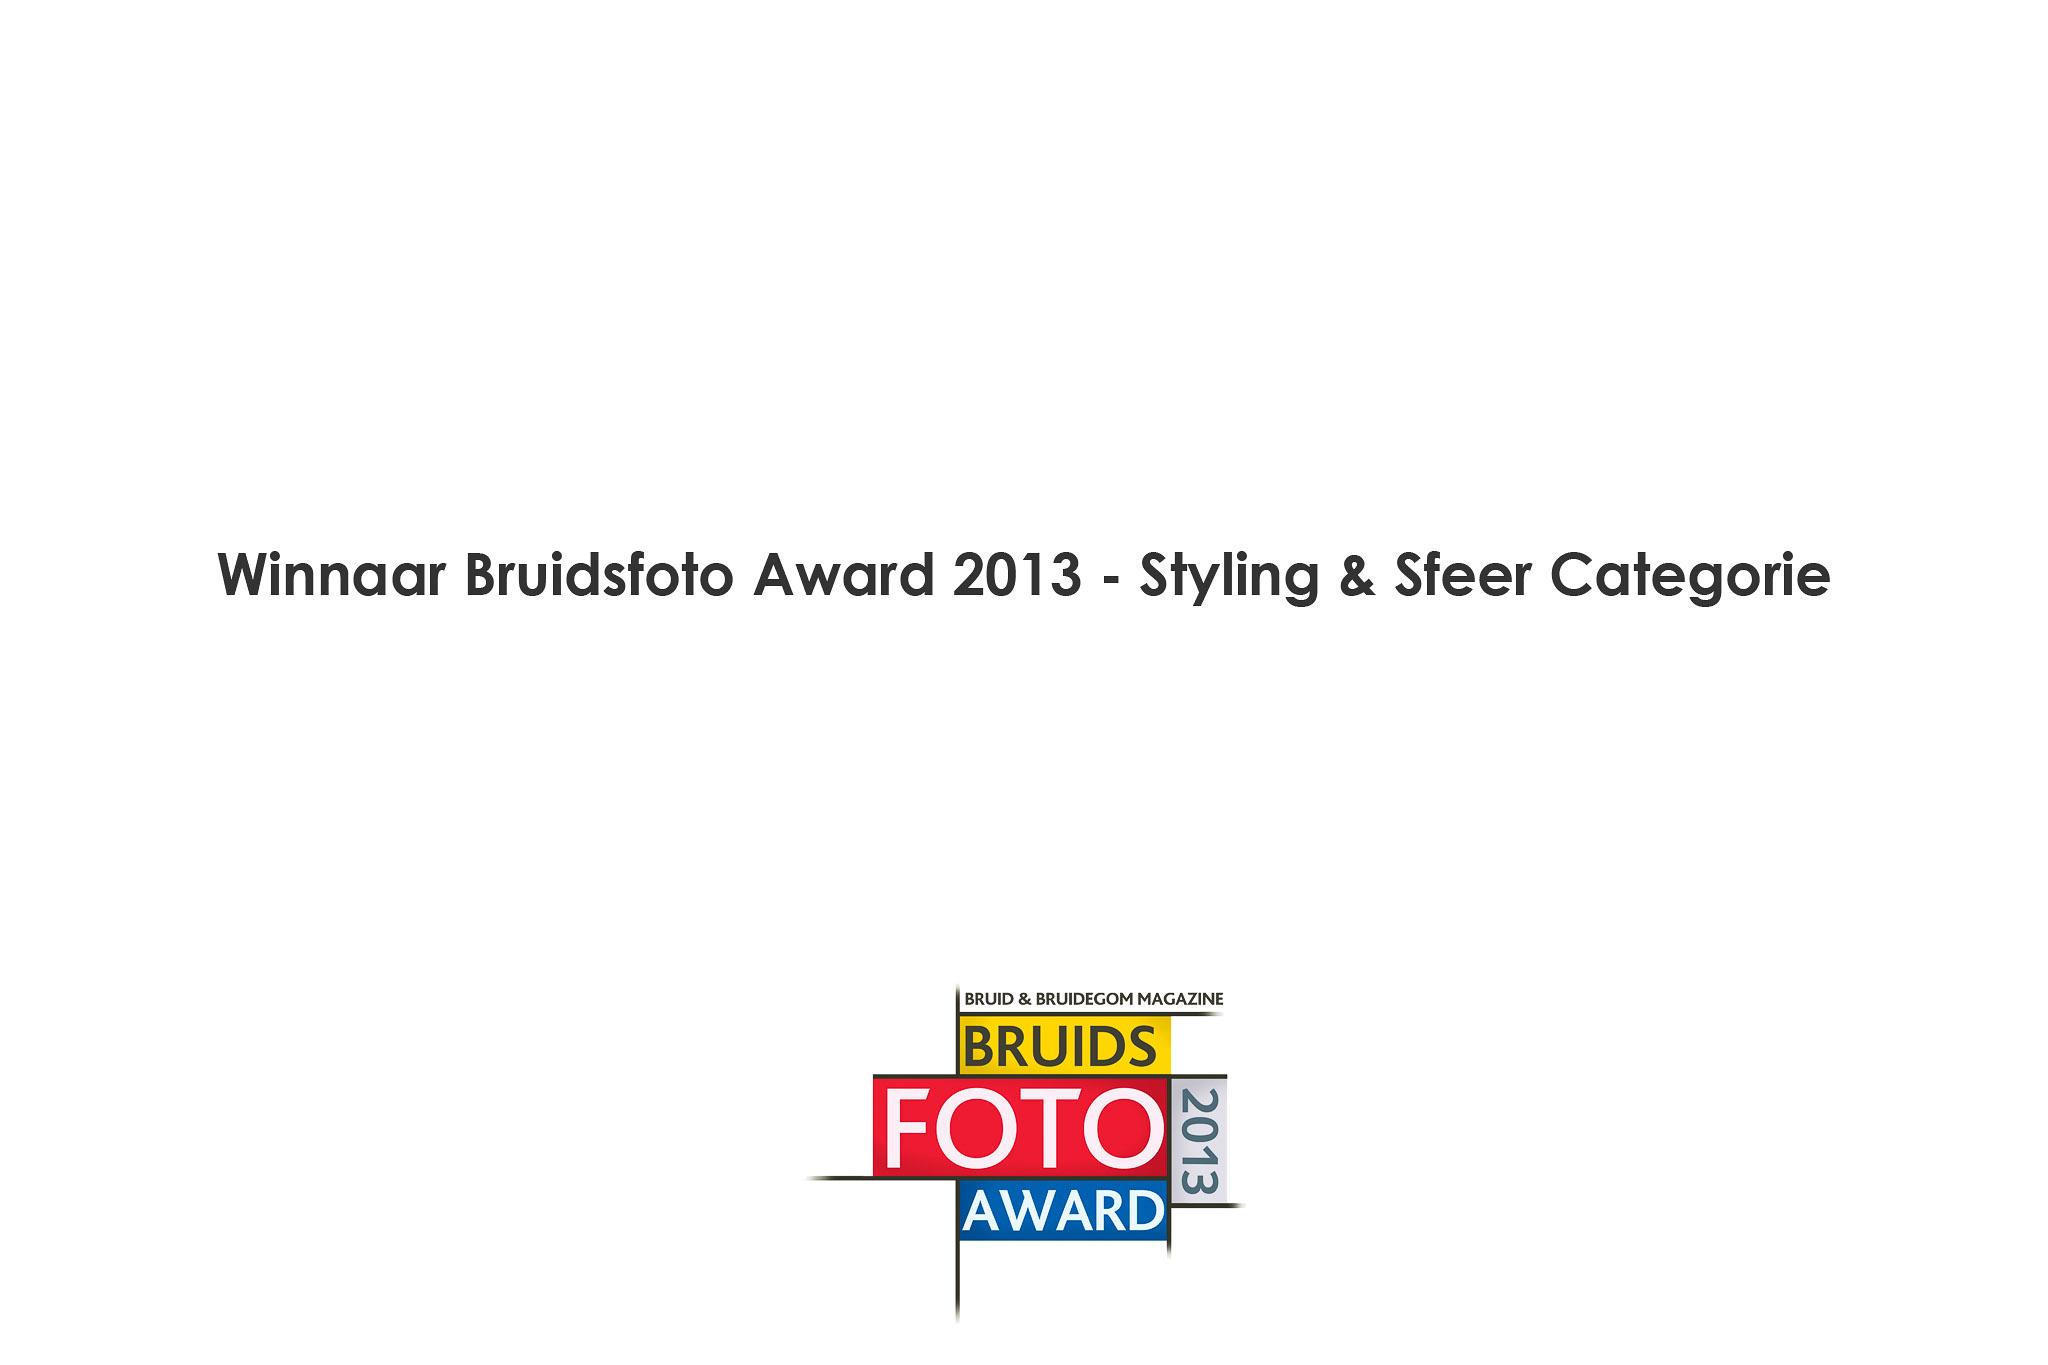 Winnaar_Bruidsfoto_Award_2013_-_Styling_en_Sfeer_Categorie_